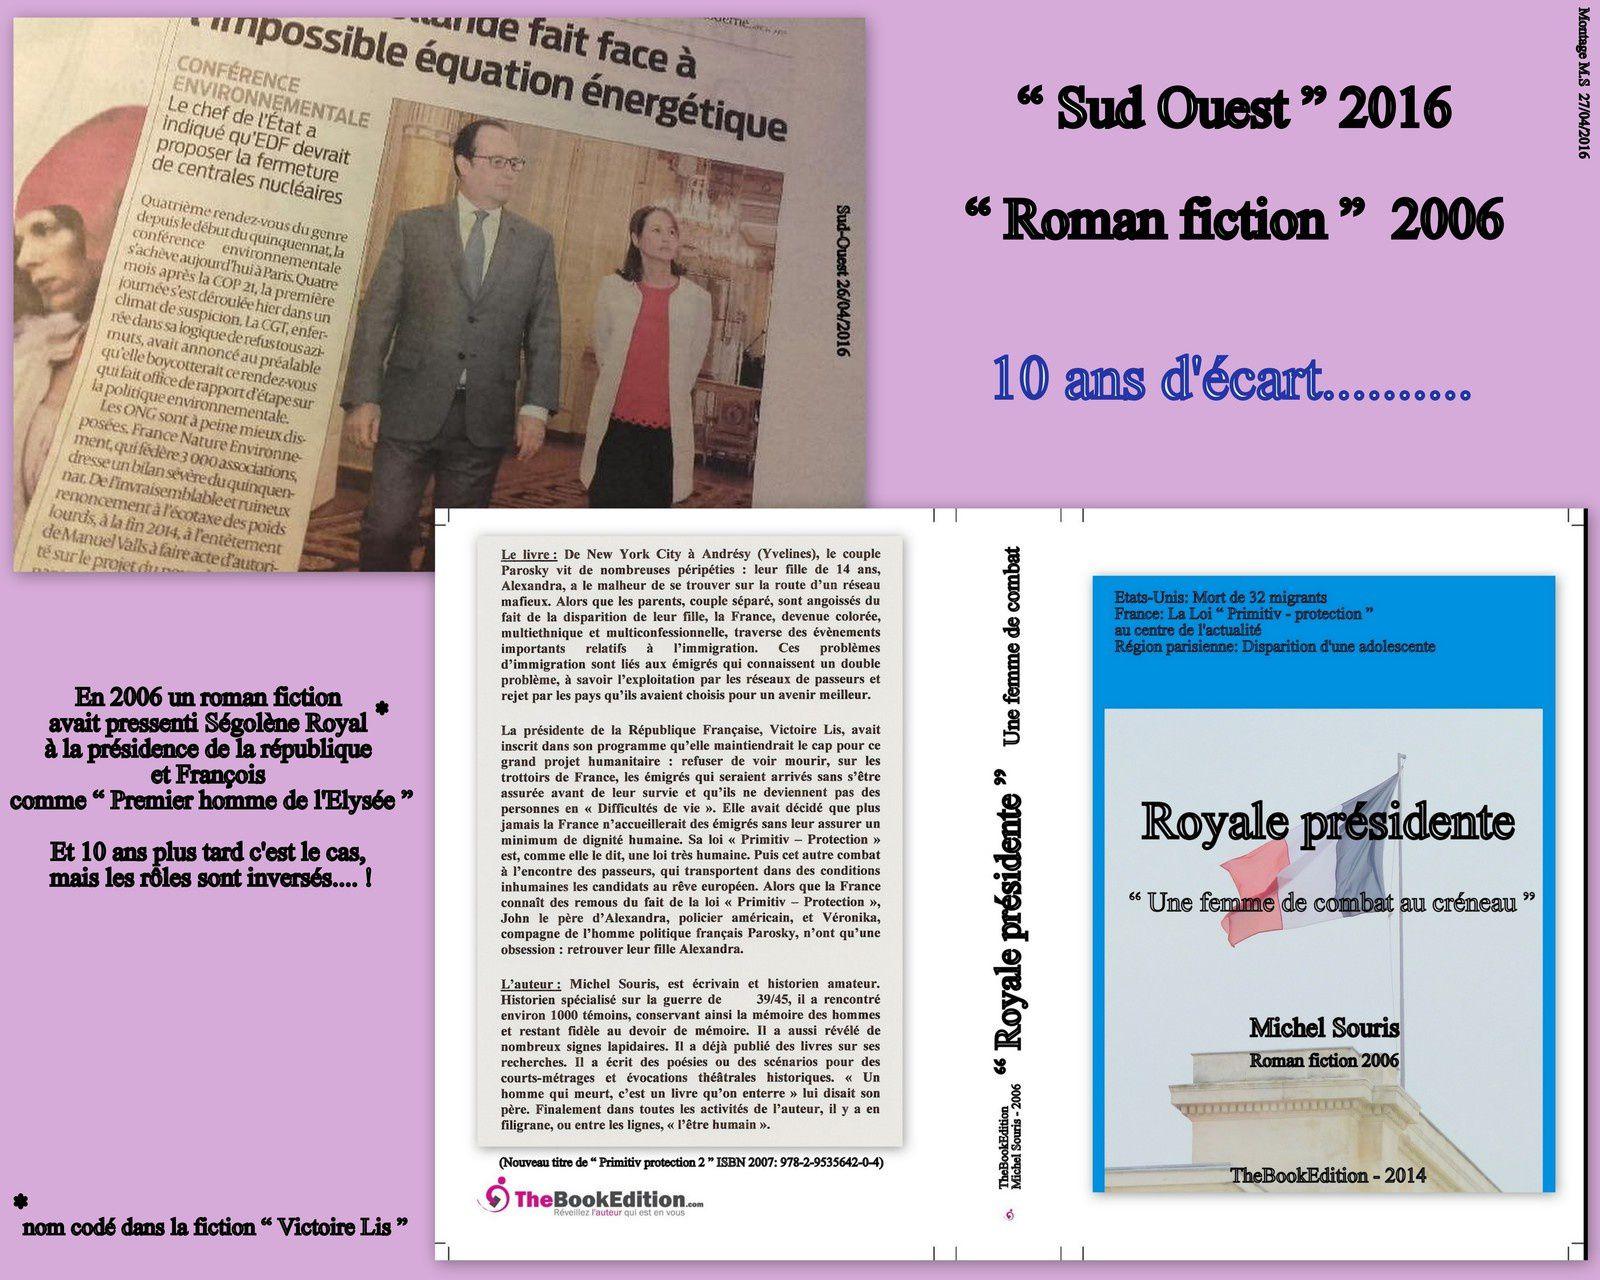 """(roman fiction que l'on trouve en ligne """" The Book Edition) - Après la fiction... collusion entre histoire et félicité annoncée chez le rouge-gorge de Culture-Histoire....."""